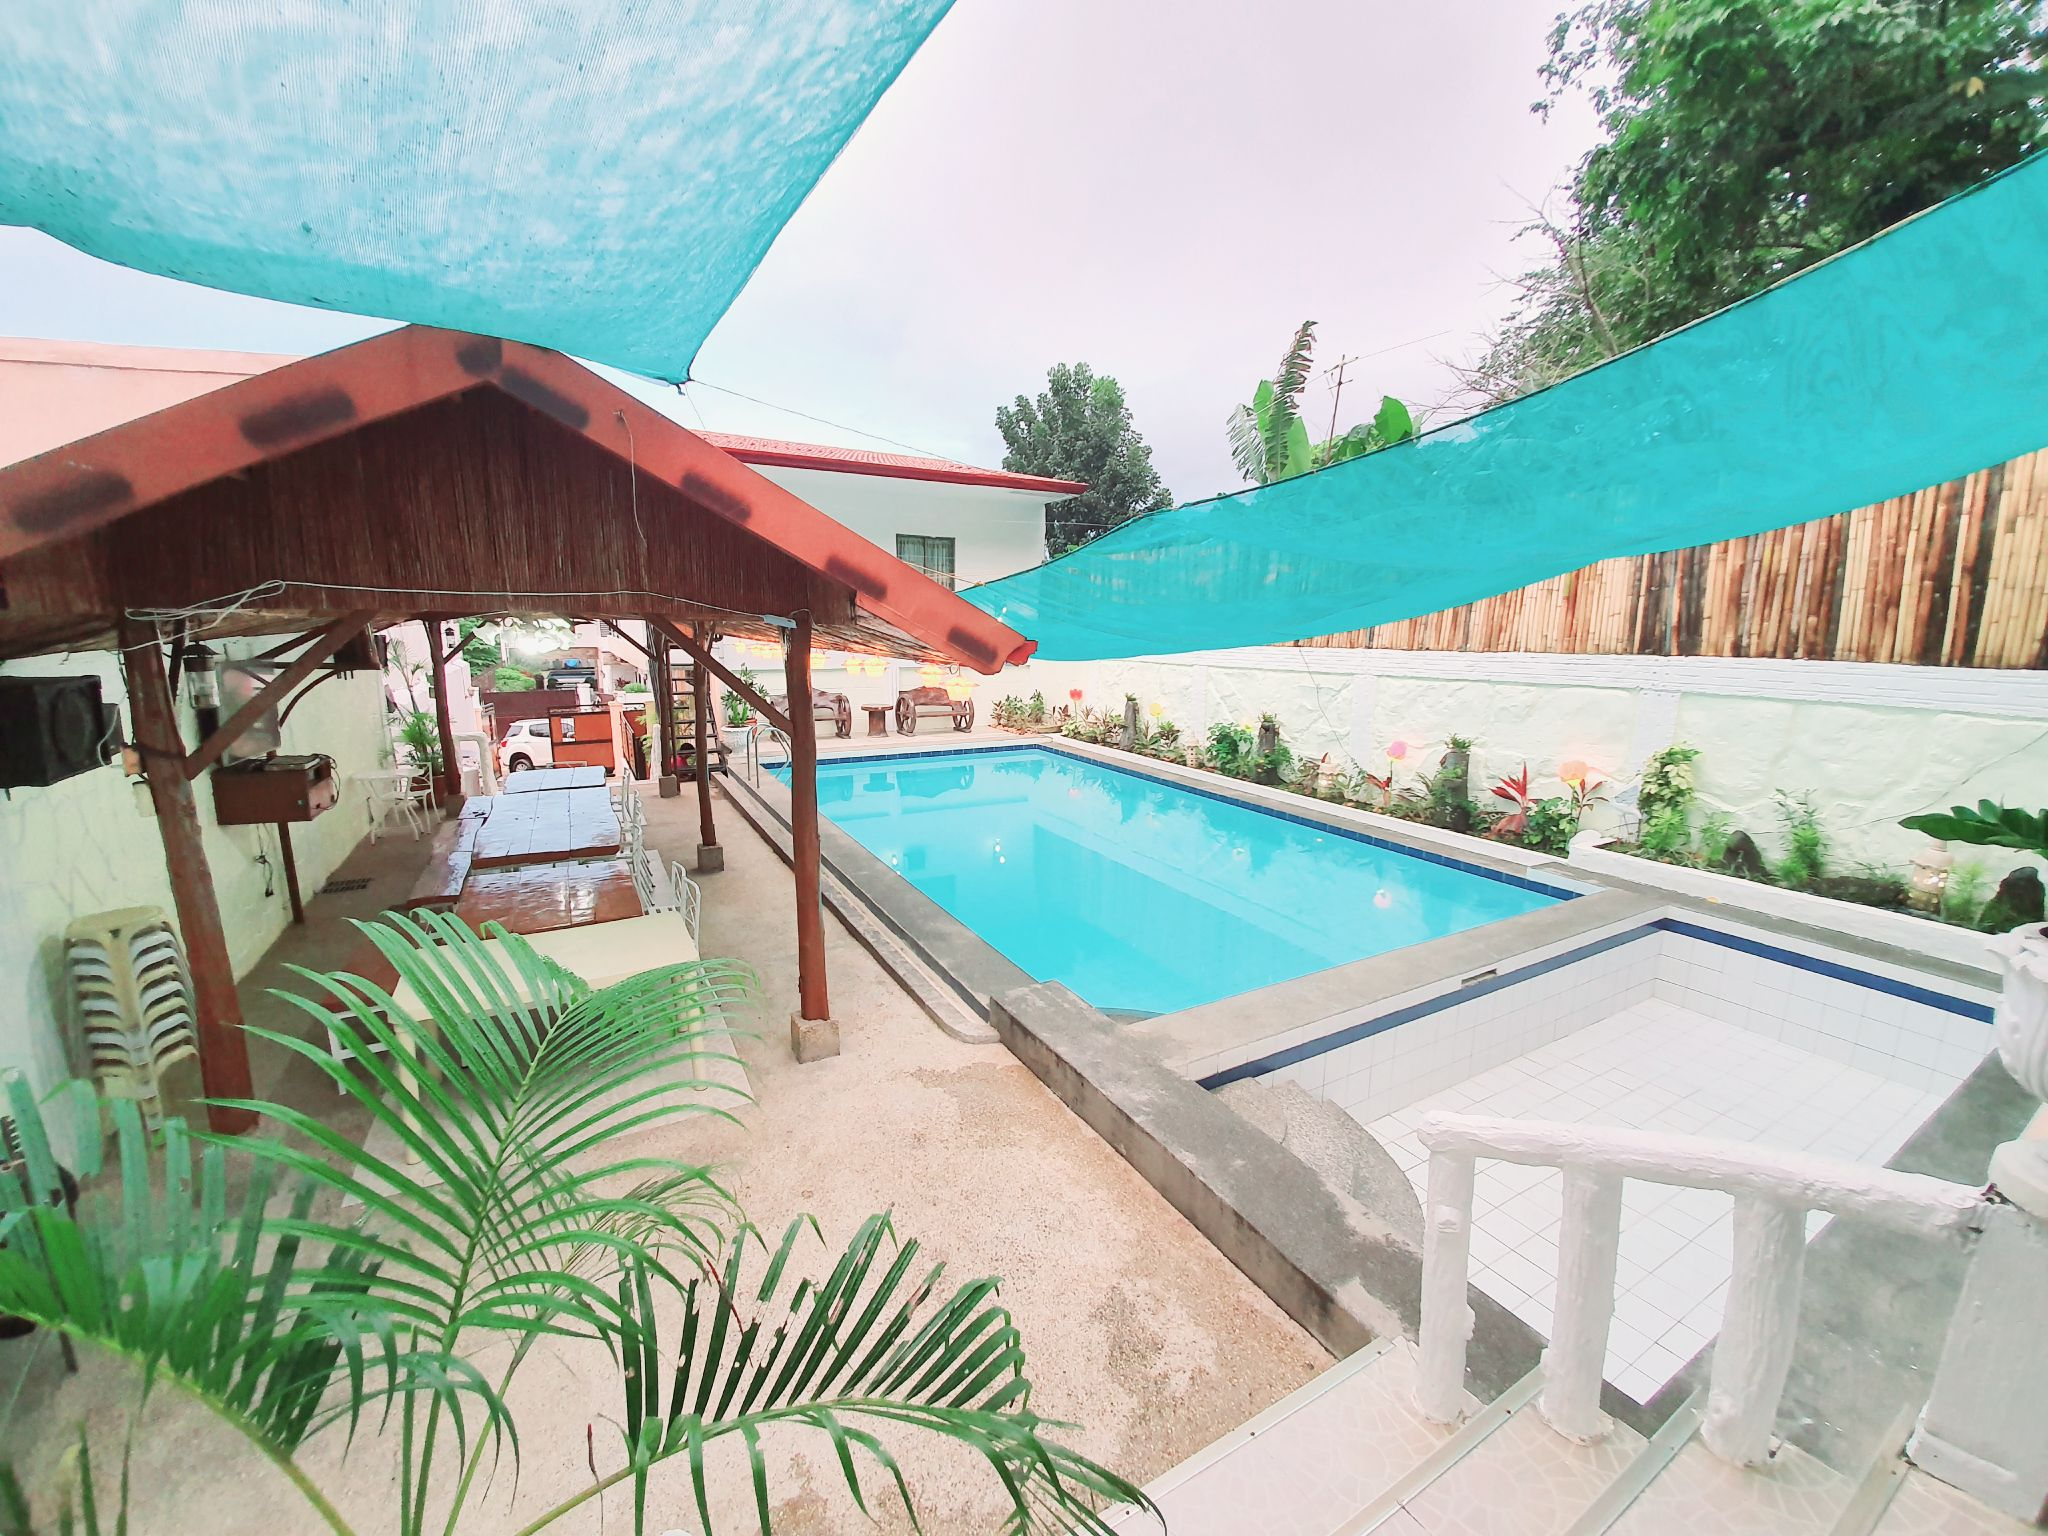 Aqua Scape Calamba Private Pool Resort Villas For Rent In Calamba Calabarzon Philippines